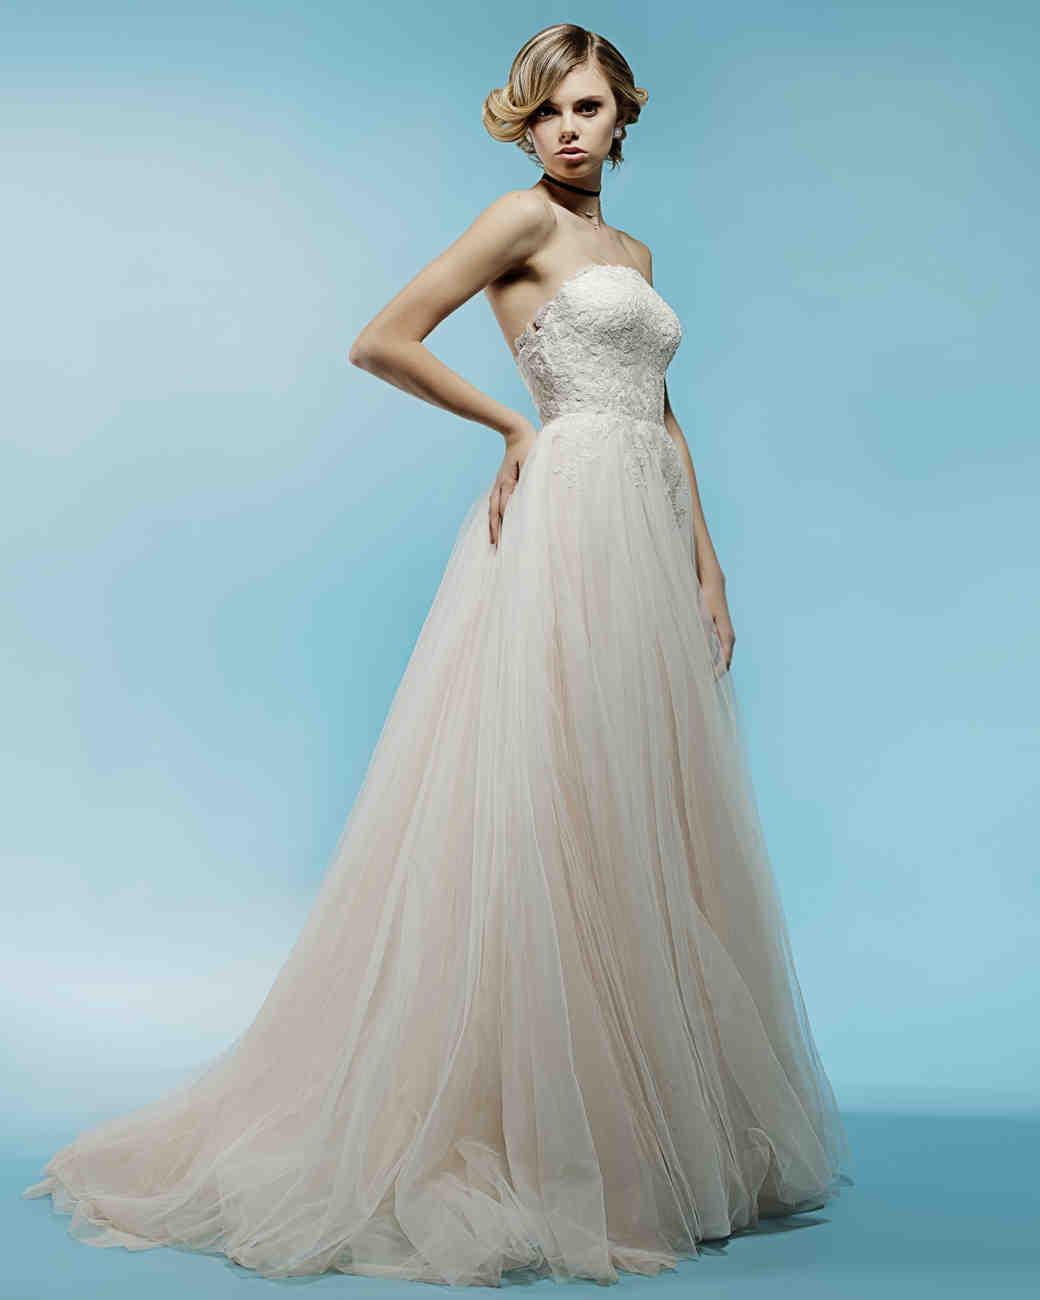 Teal wedding dress images